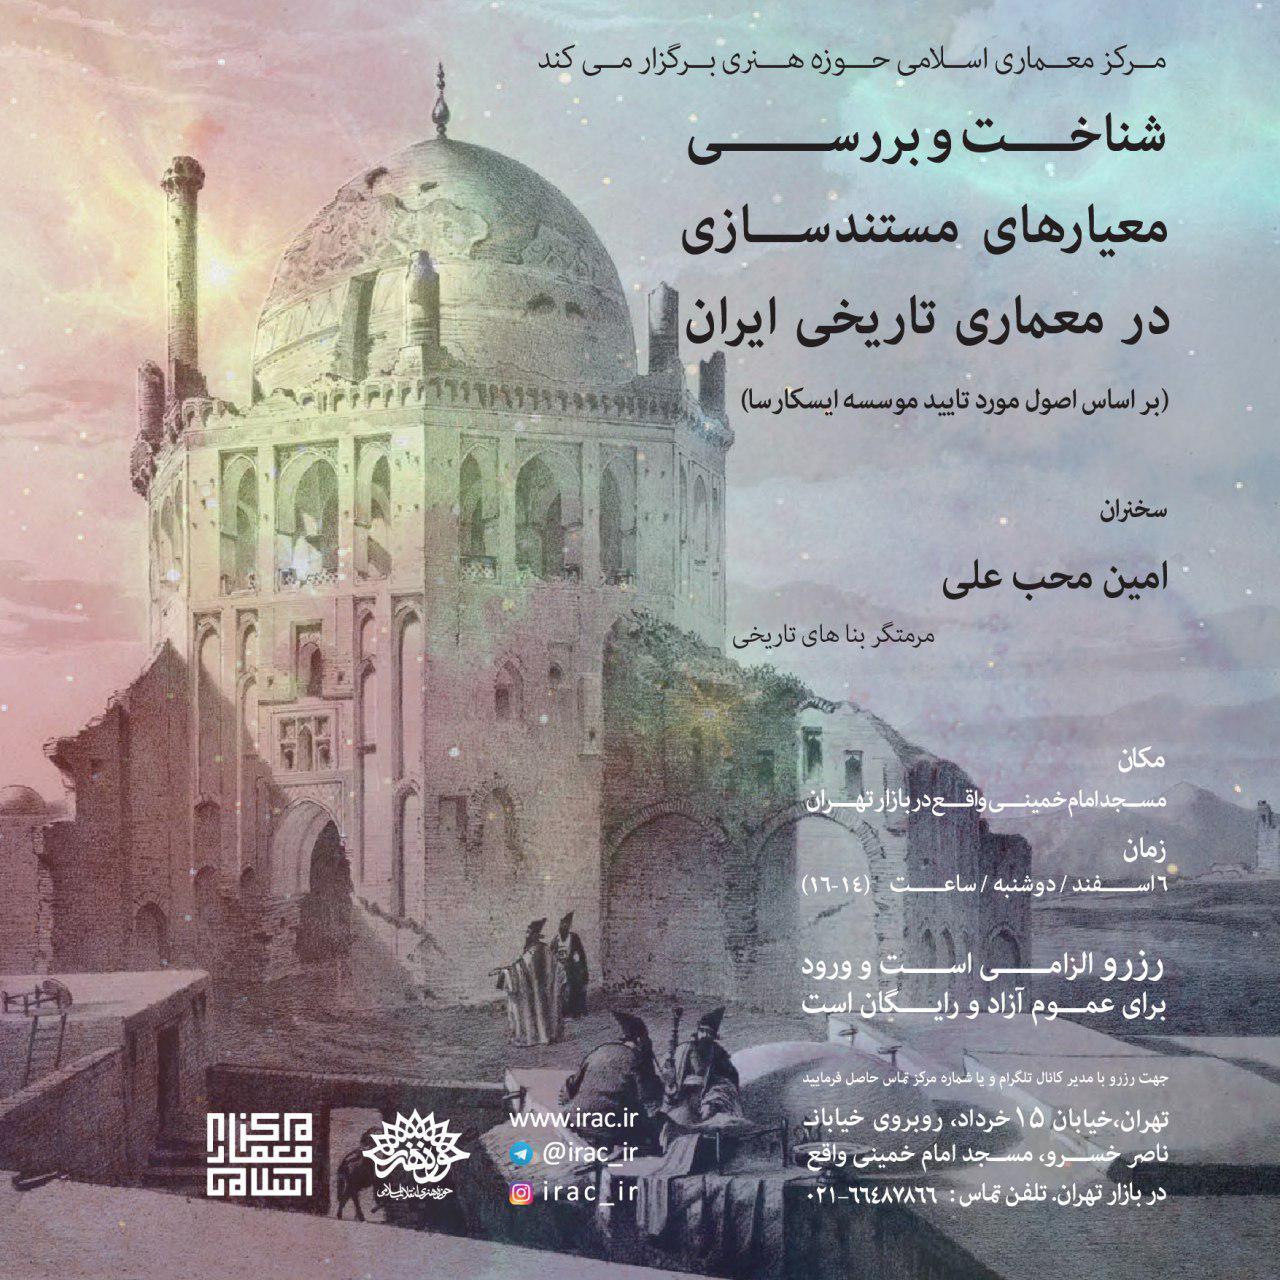 معیارهای مستند سازی معماری تاریخی ایران بررسی می شود